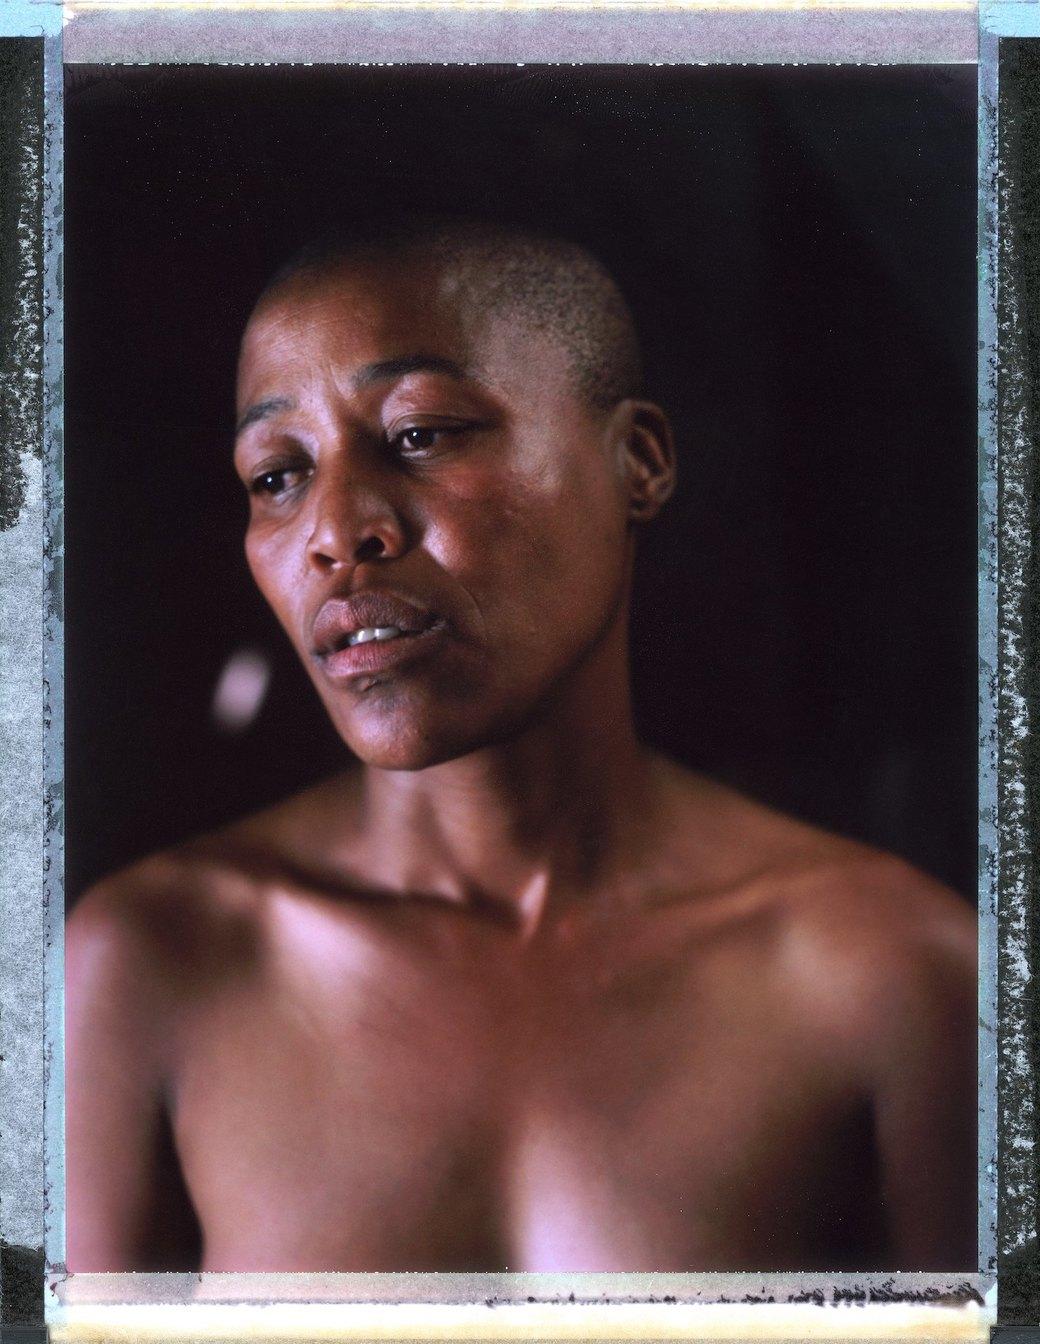 «Меня избивали всем участком с 11 вечера и до 6 утра»: Как преследуют ЛГБТ в странах третьего мира. Изображение № 8.